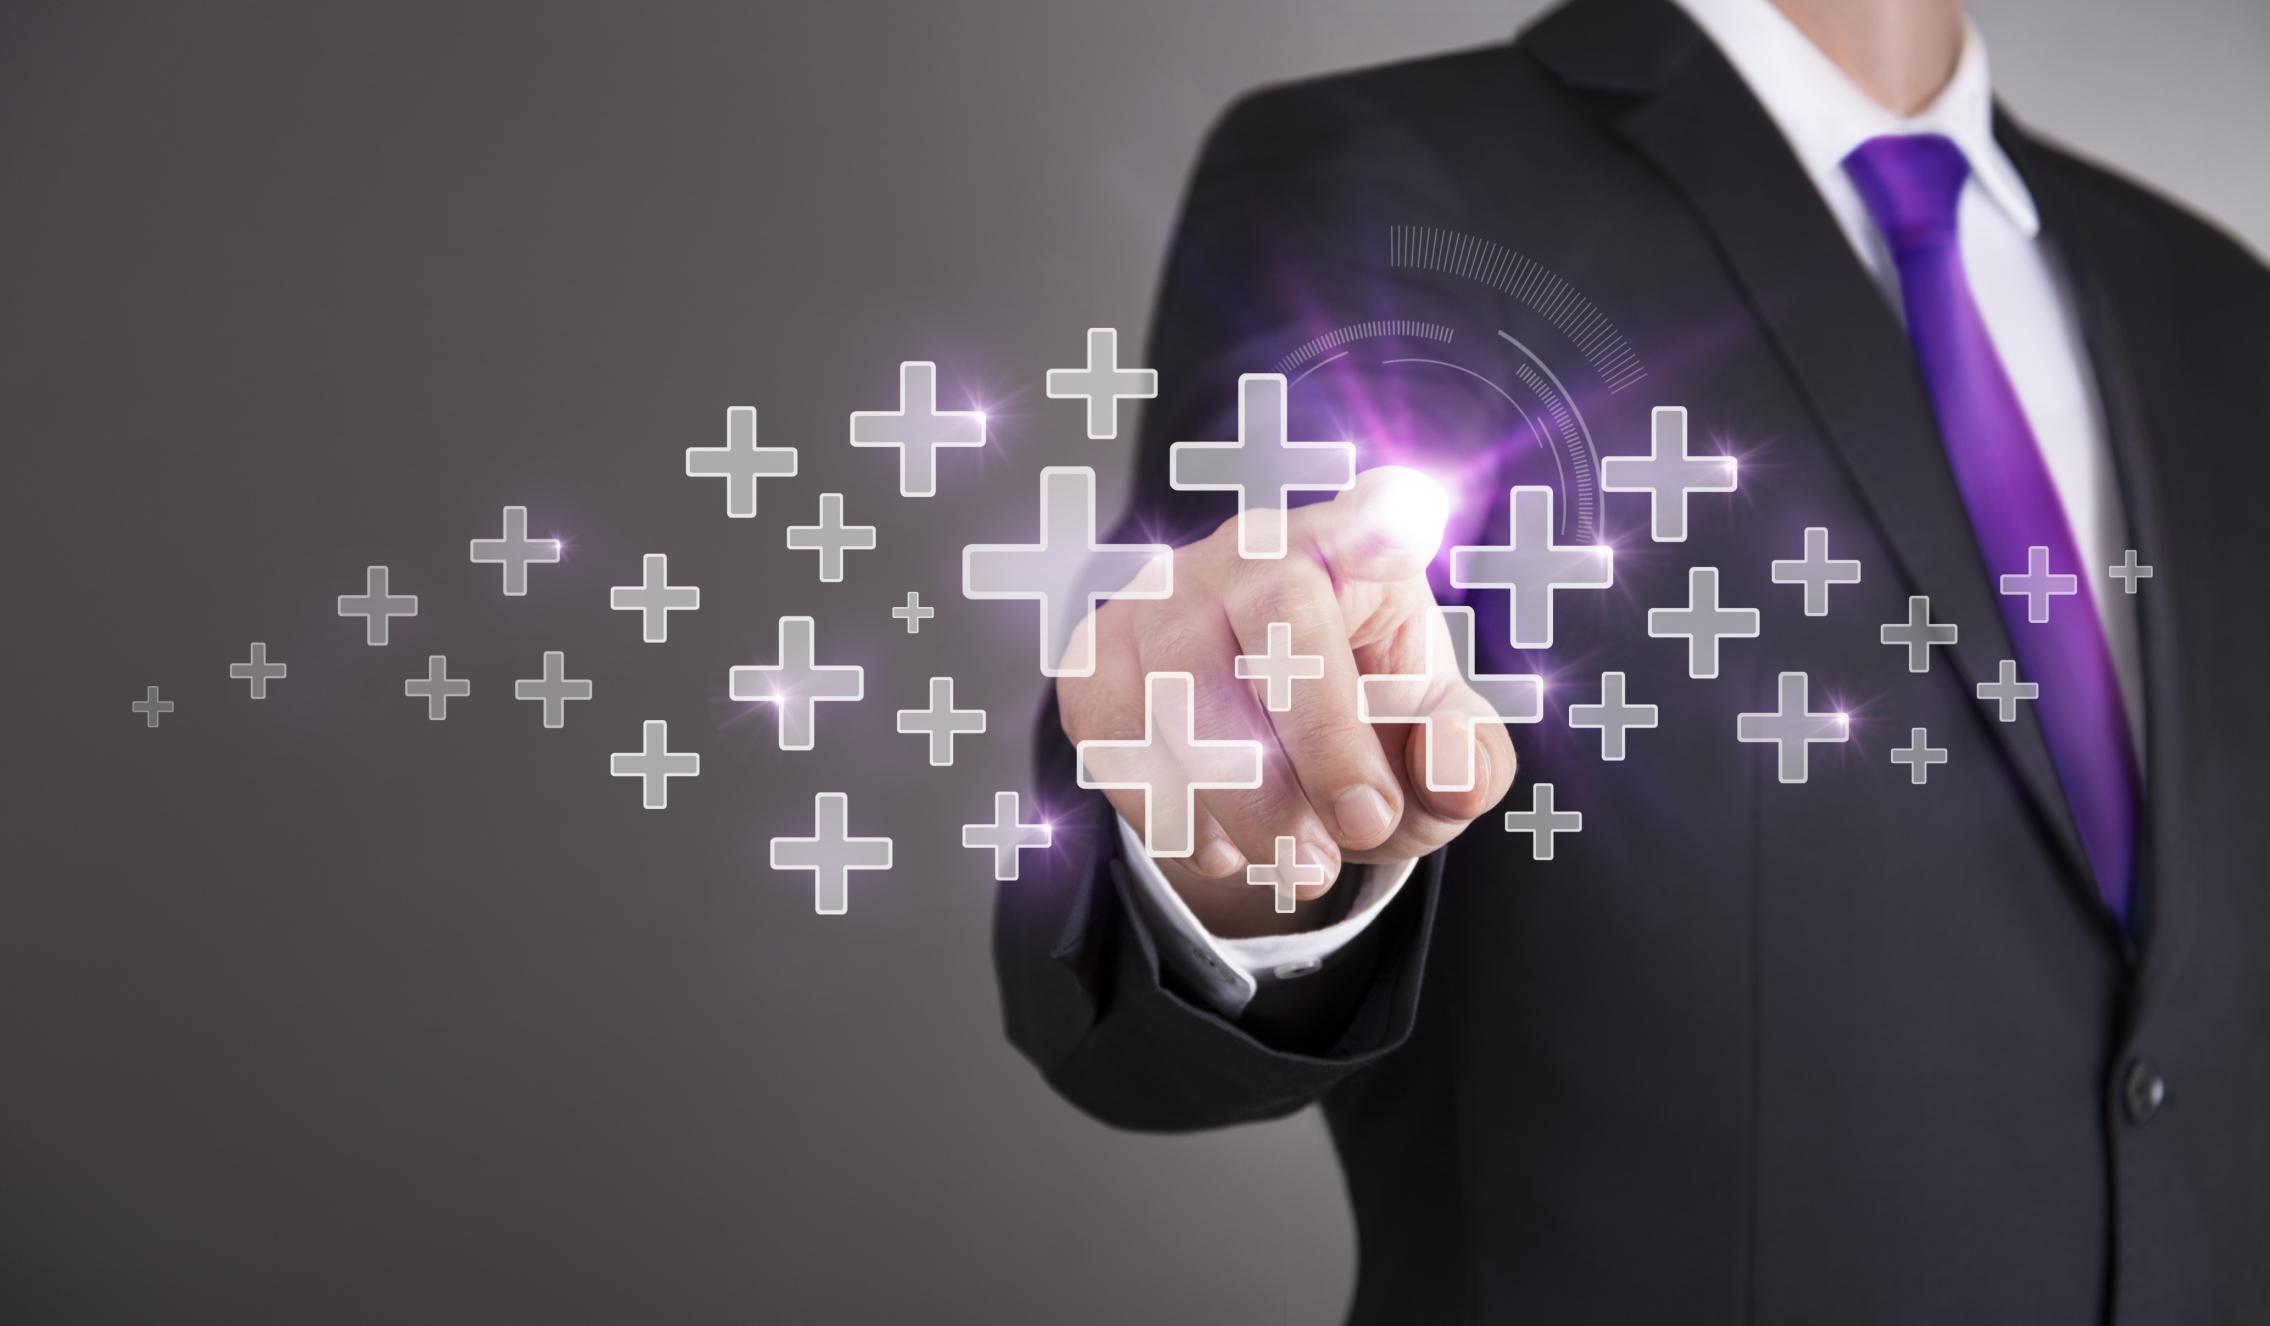 Businessman touch screen concept - Plus